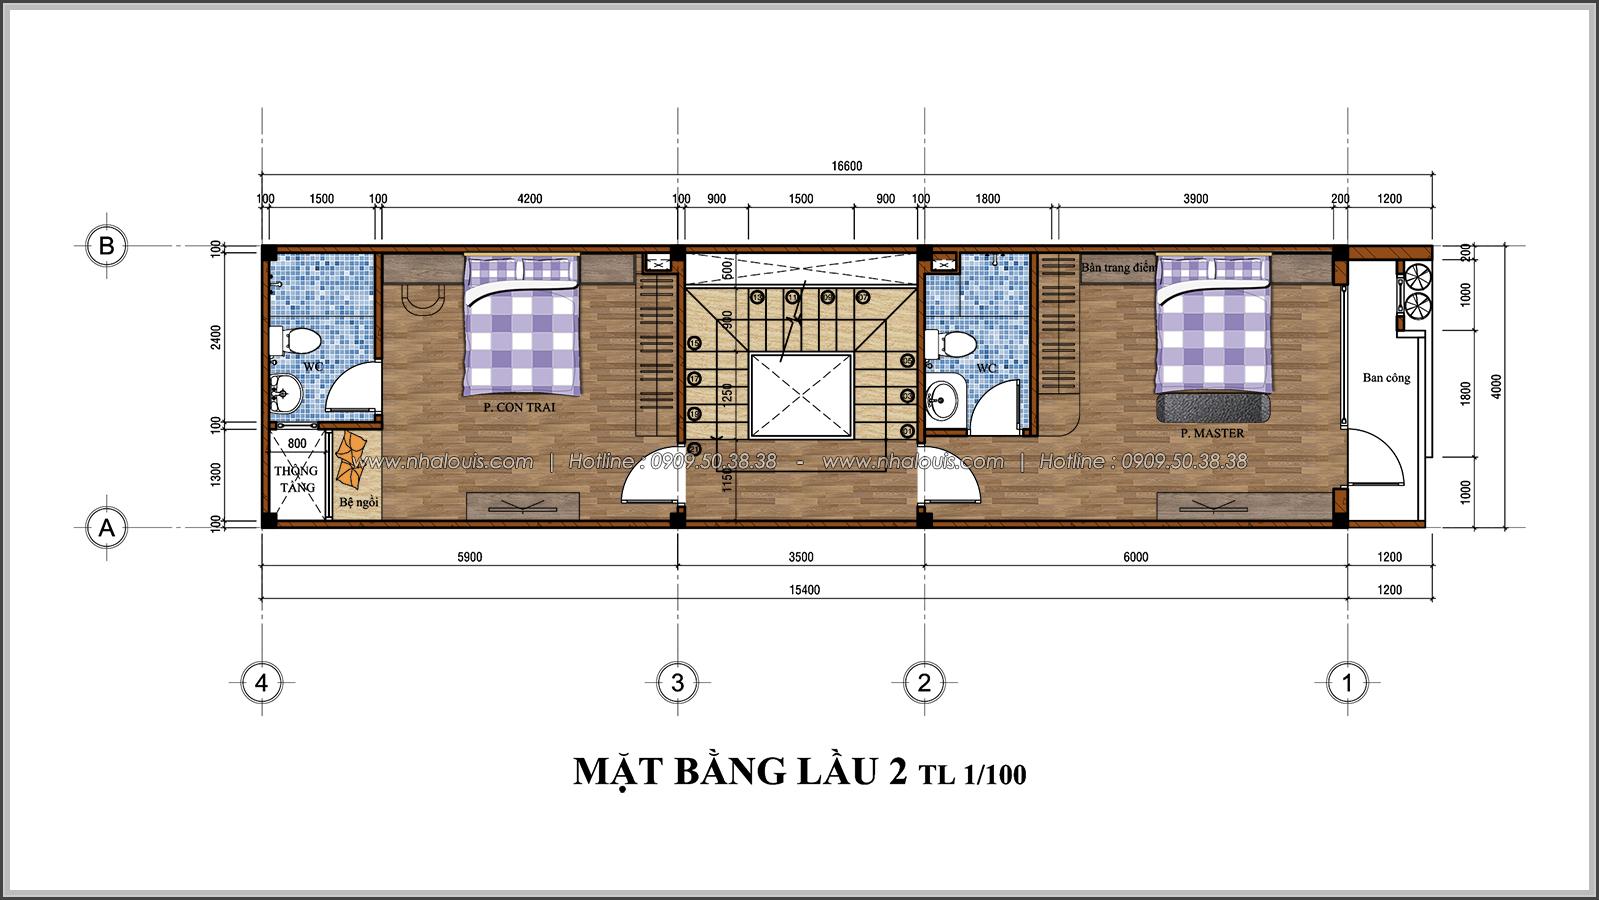 Mặt bằng lầu 2 Thiết kế nhà phố 3 tầng đẹp phong cách hiện đại sang trọng tại Thủ Đức - 06